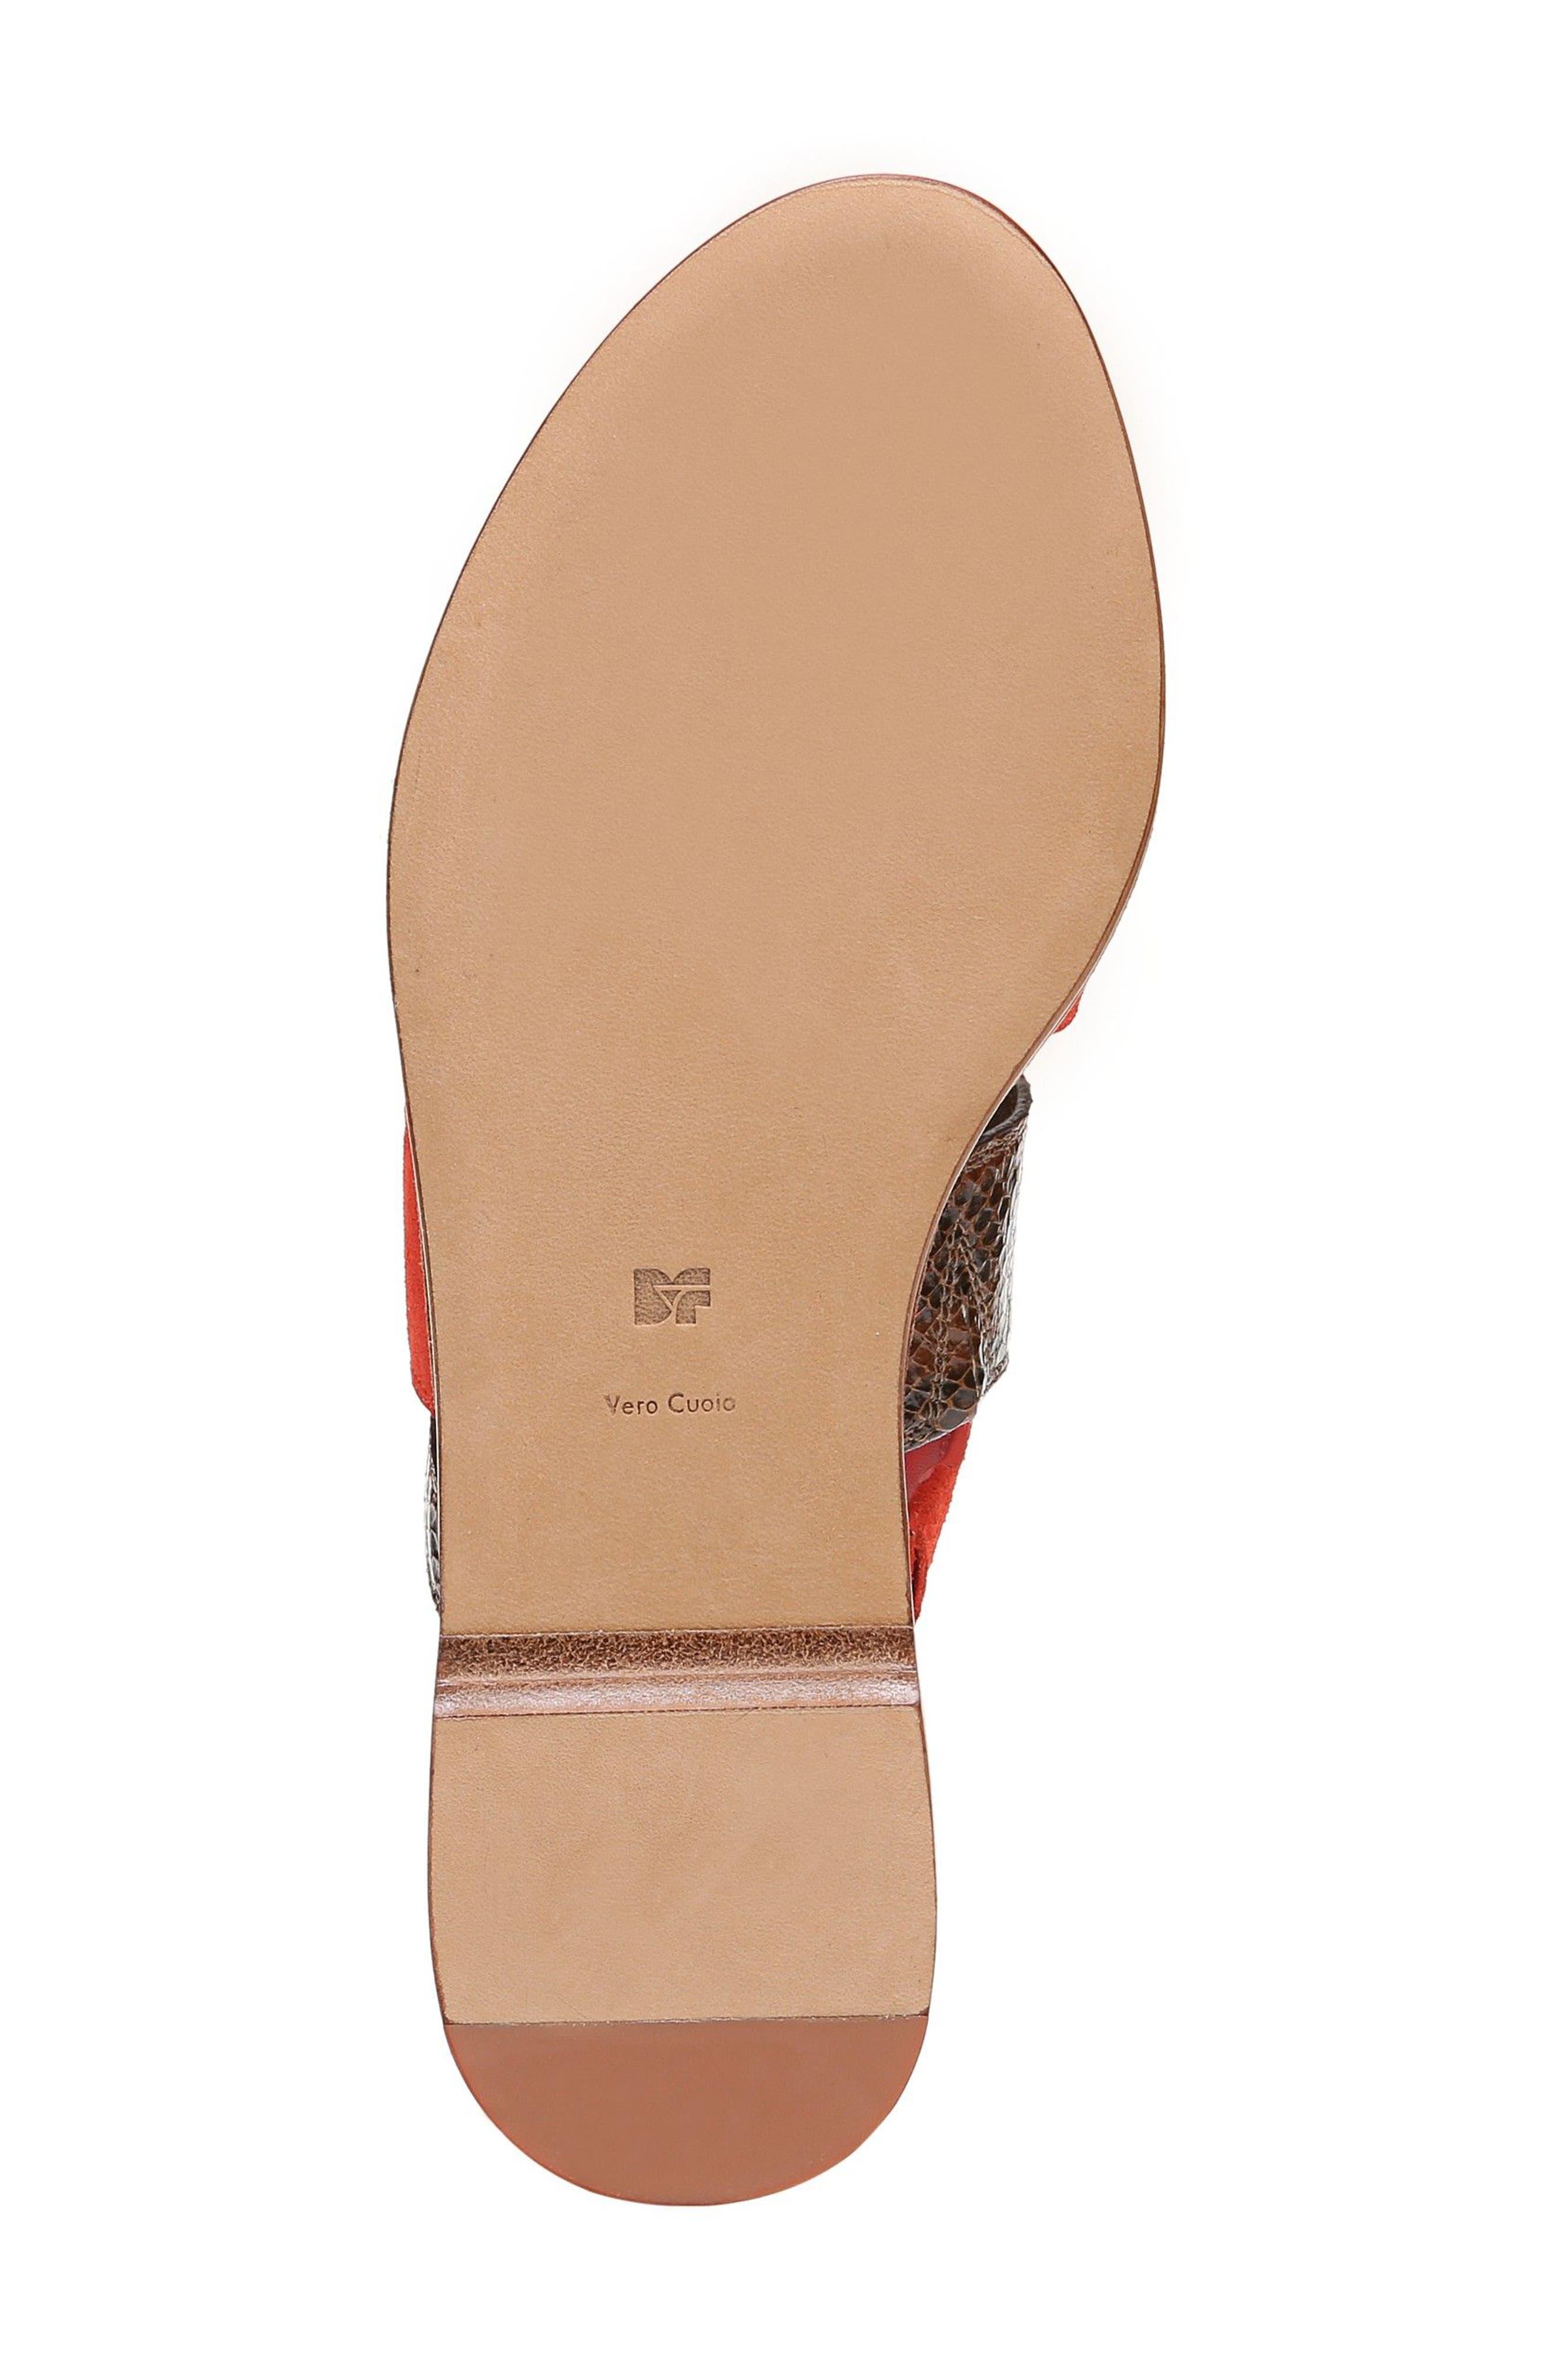 Blake Cross Strap Slide Sandal,                             Alternate thumbnail 6, color,                             Caramel/ Red